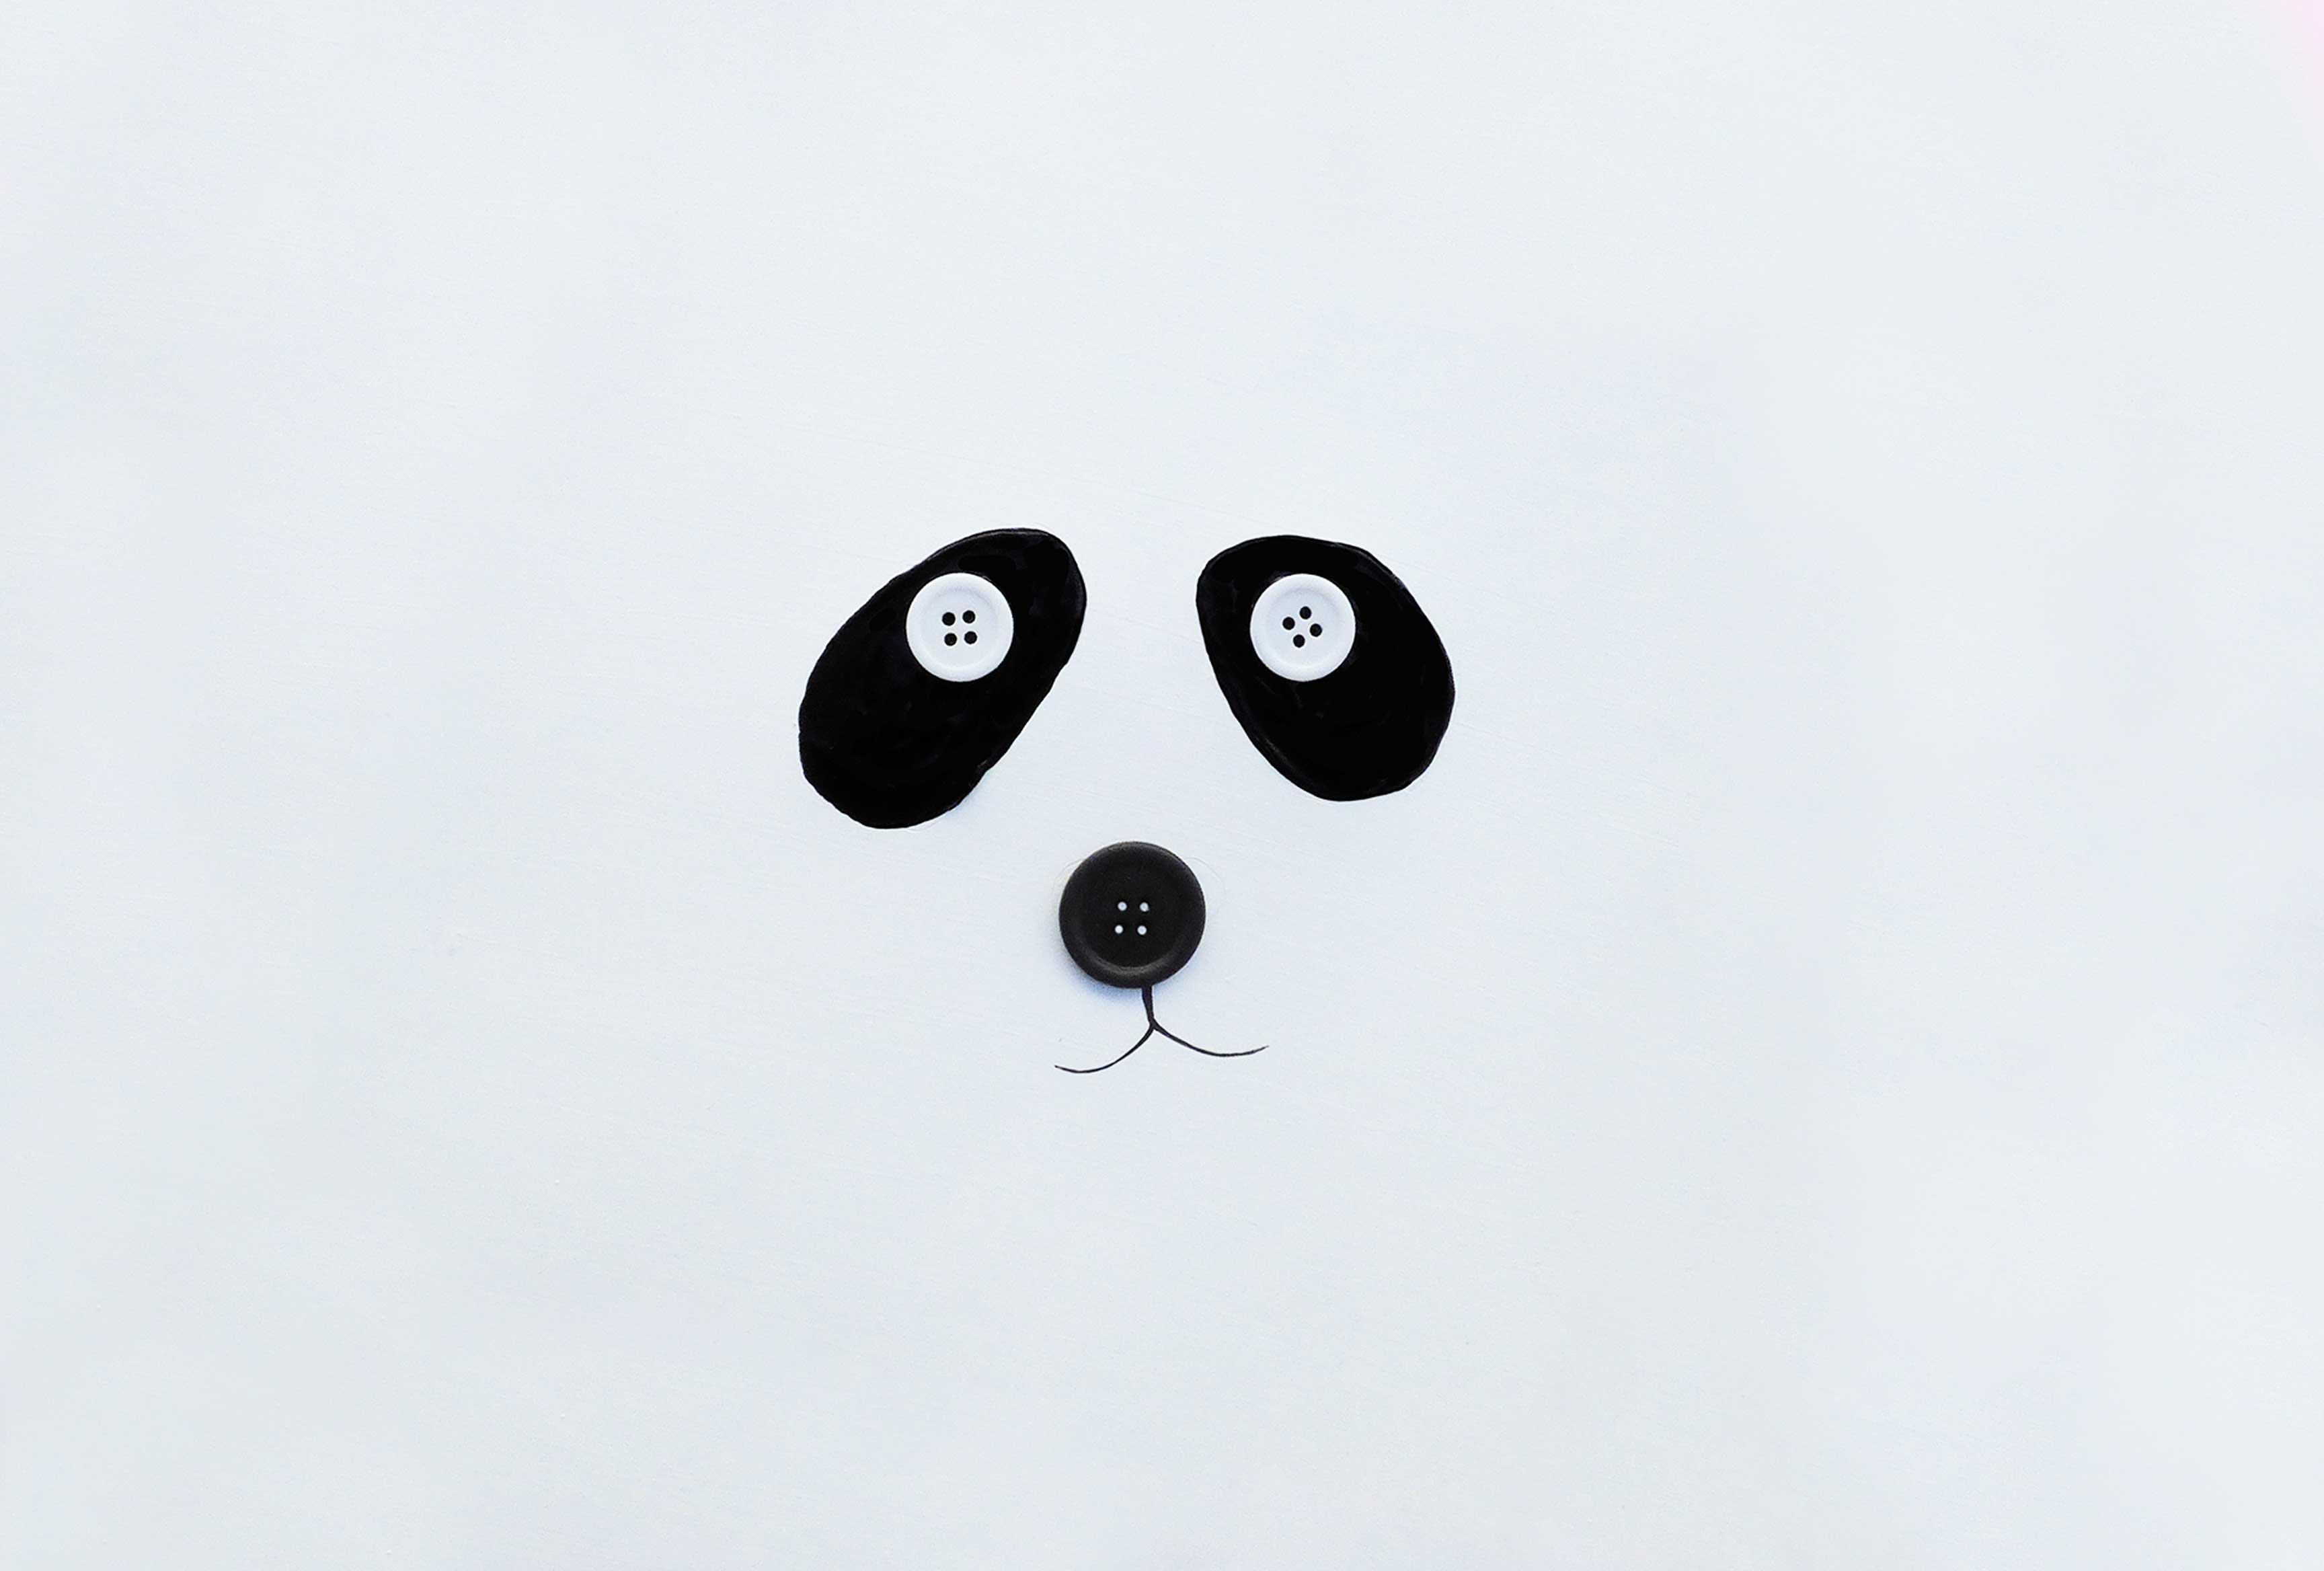 pandaslidebueno